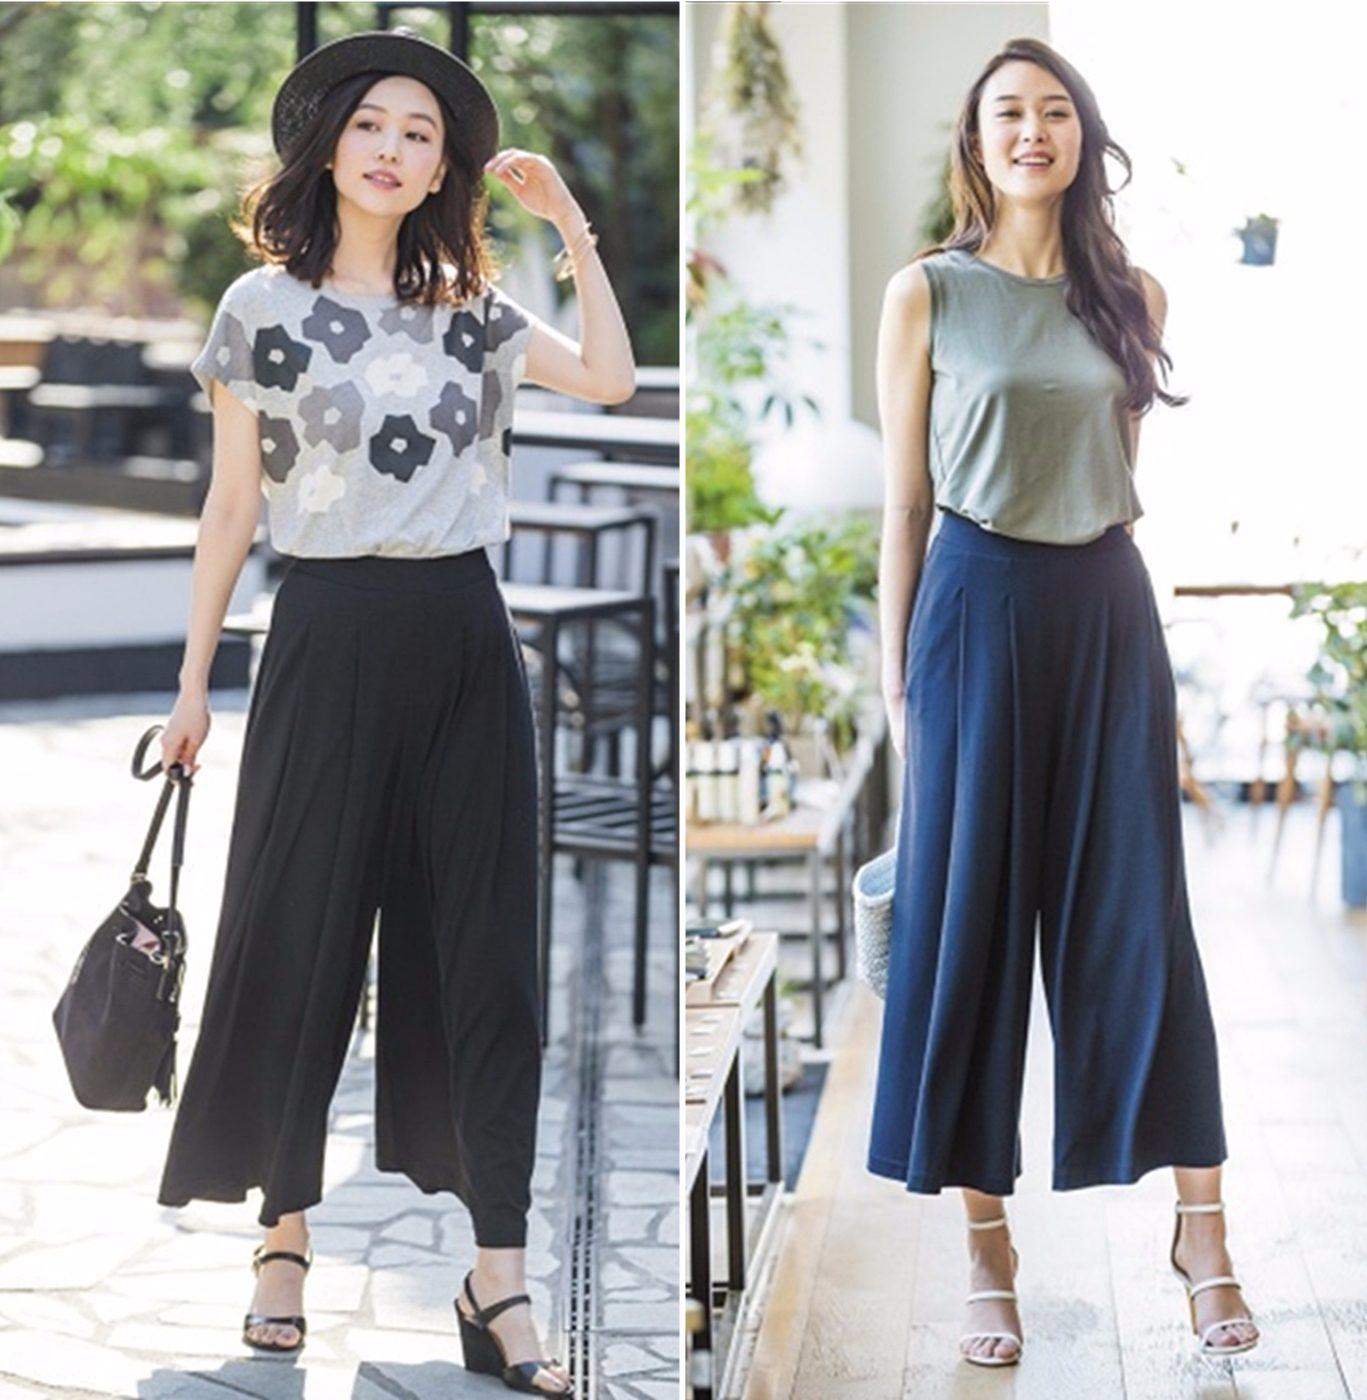 今年UNIQLO就推出不少寬褲、裙,材質從清透的棉、麻到天絲都有,還有新品「寬襬褲」,乍看是長裙,但其實是寬褲!